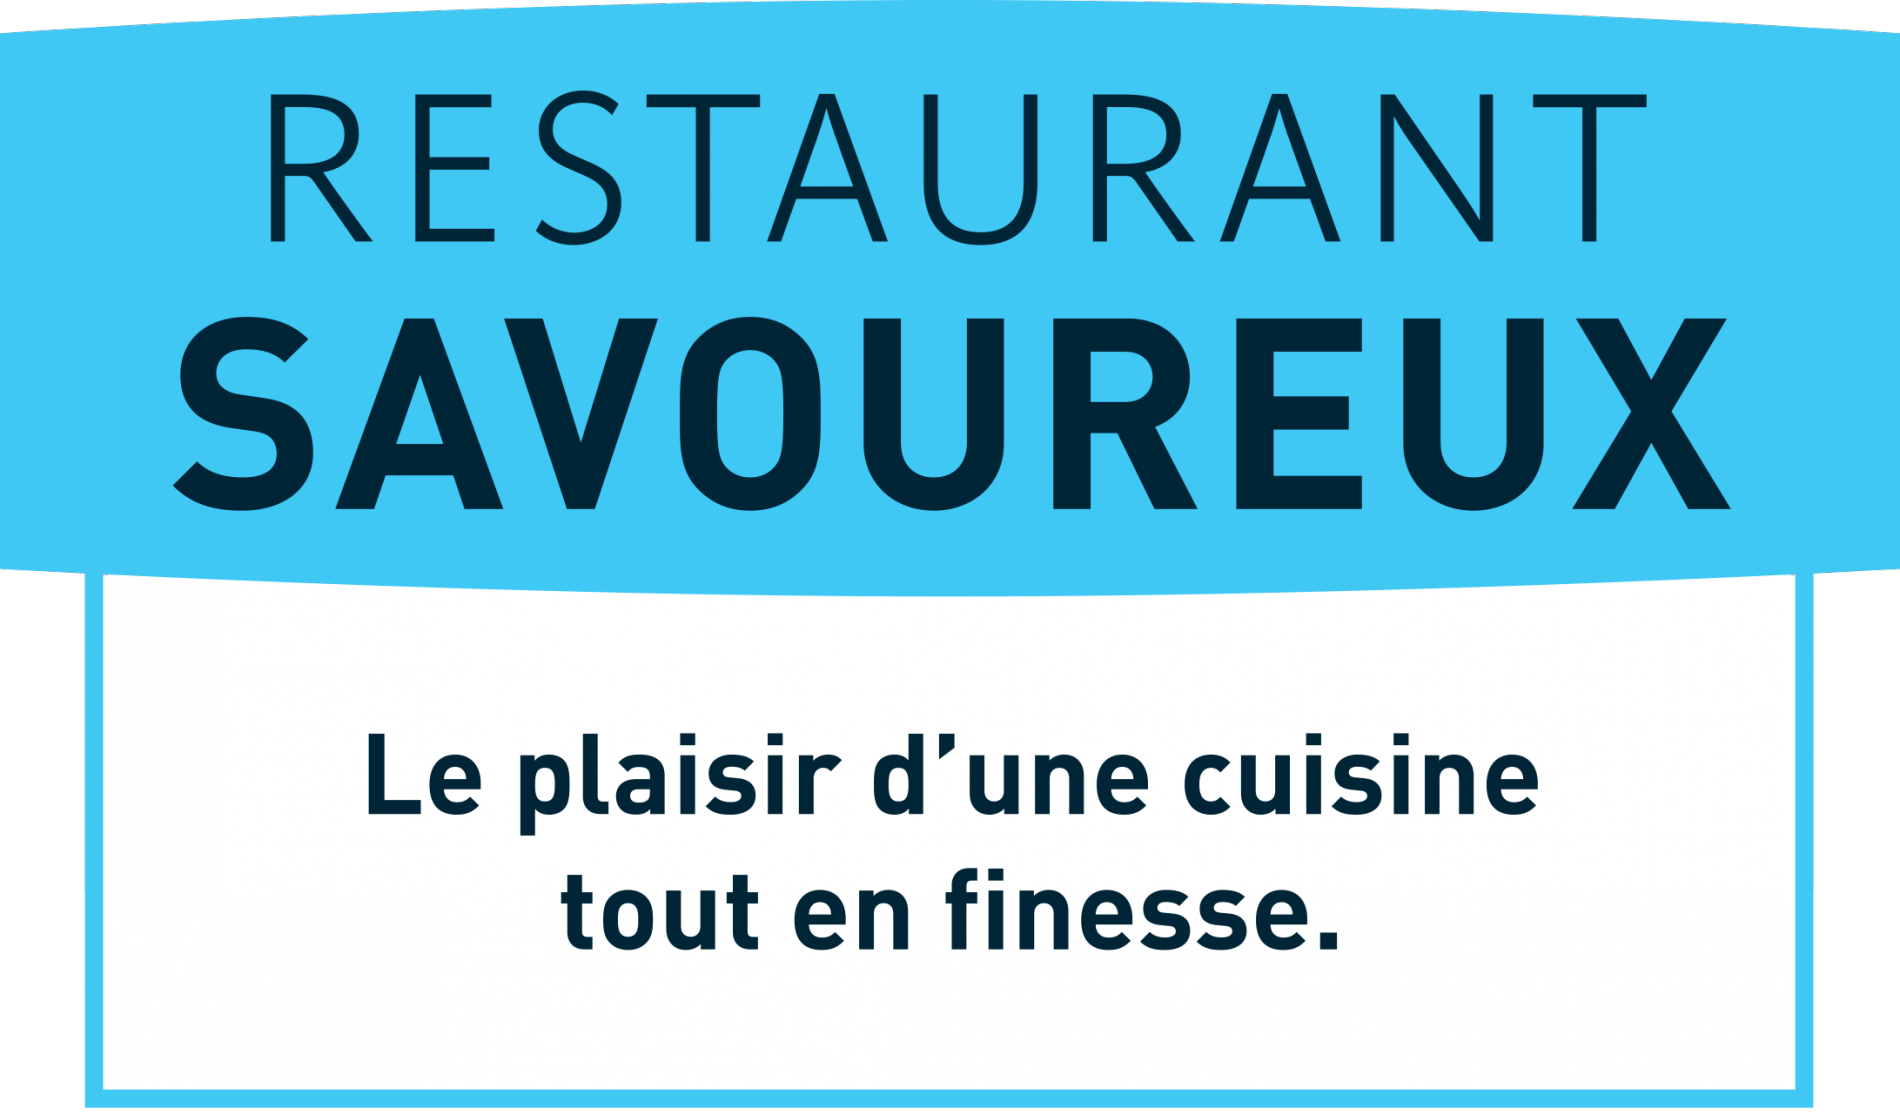 Logis Restaurant Savoureux